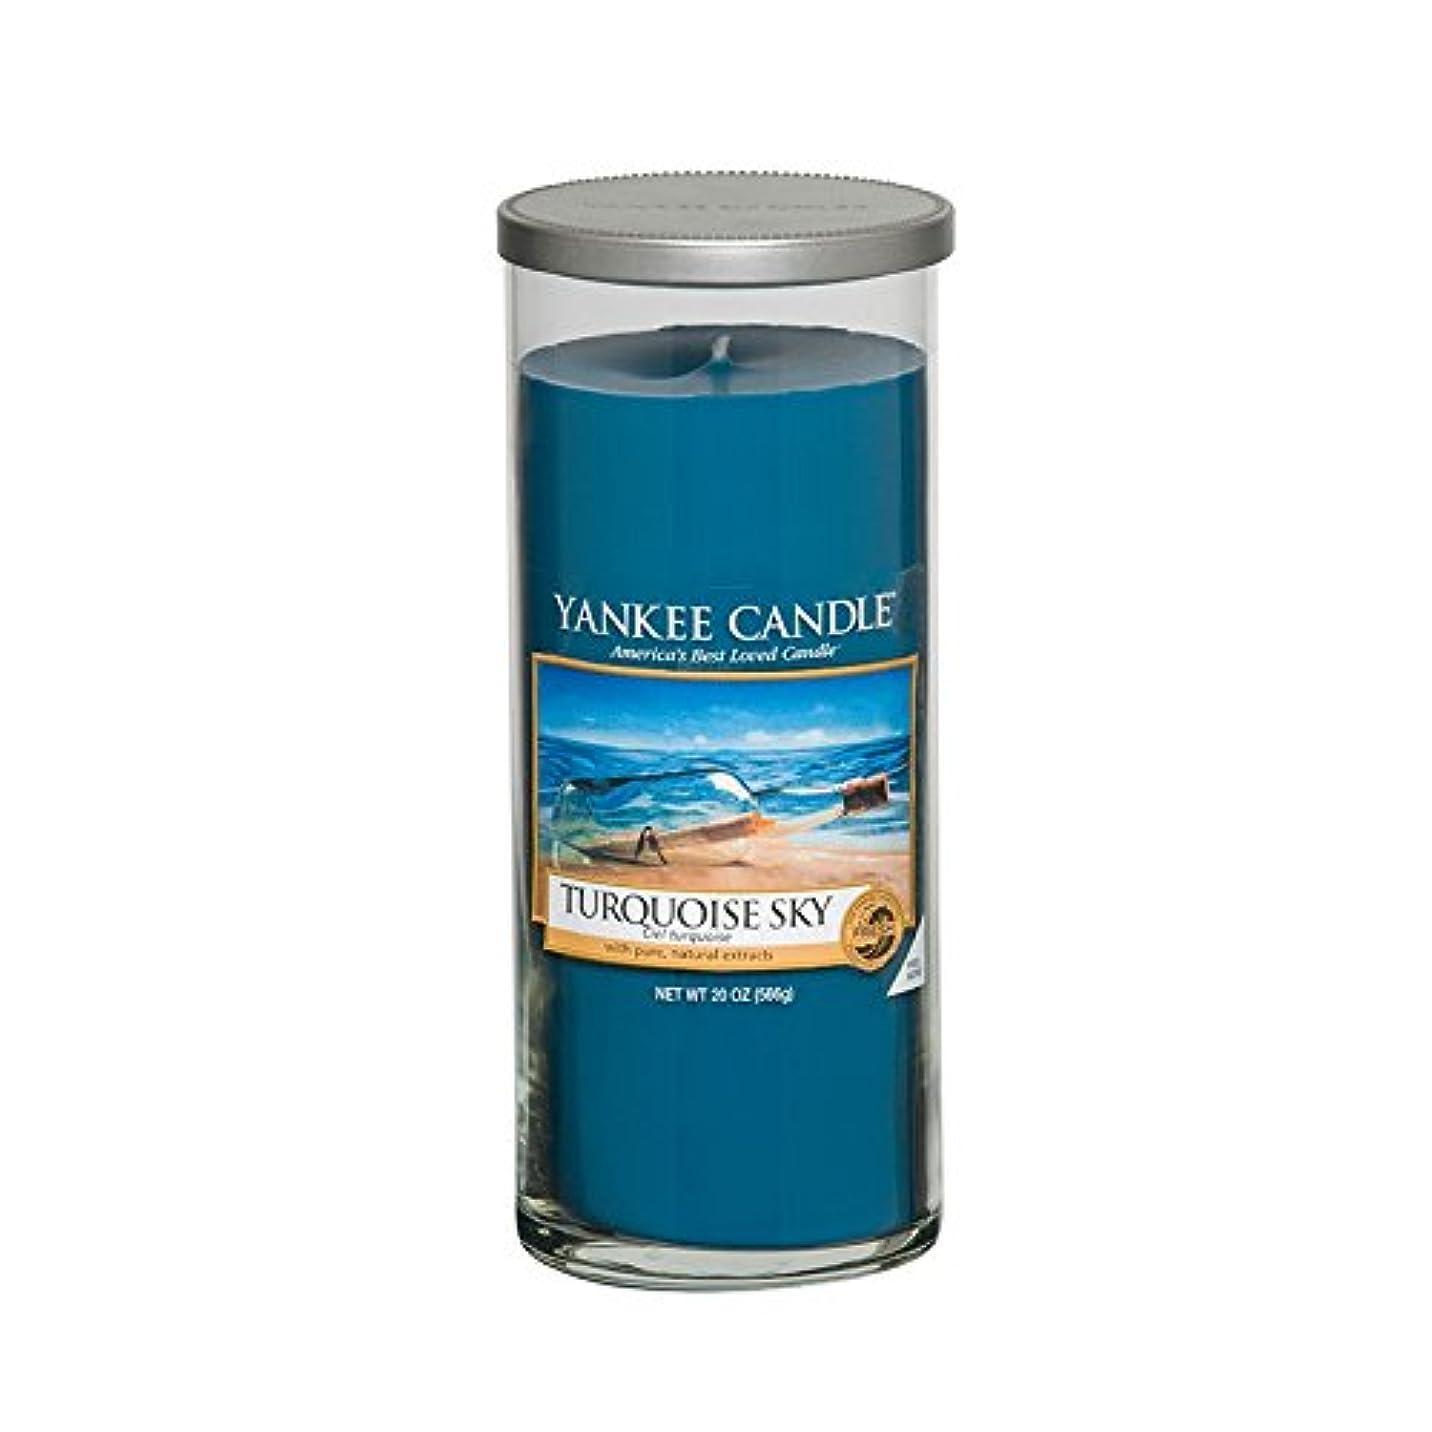 浮くソーシャルアーチヤンキーキャンドル大きな柱キャンドル - ターコイズの空 - Yankee Candles Large Pillar Candle - Turquoise Sky (Yankee Candles) [並行輸入品]